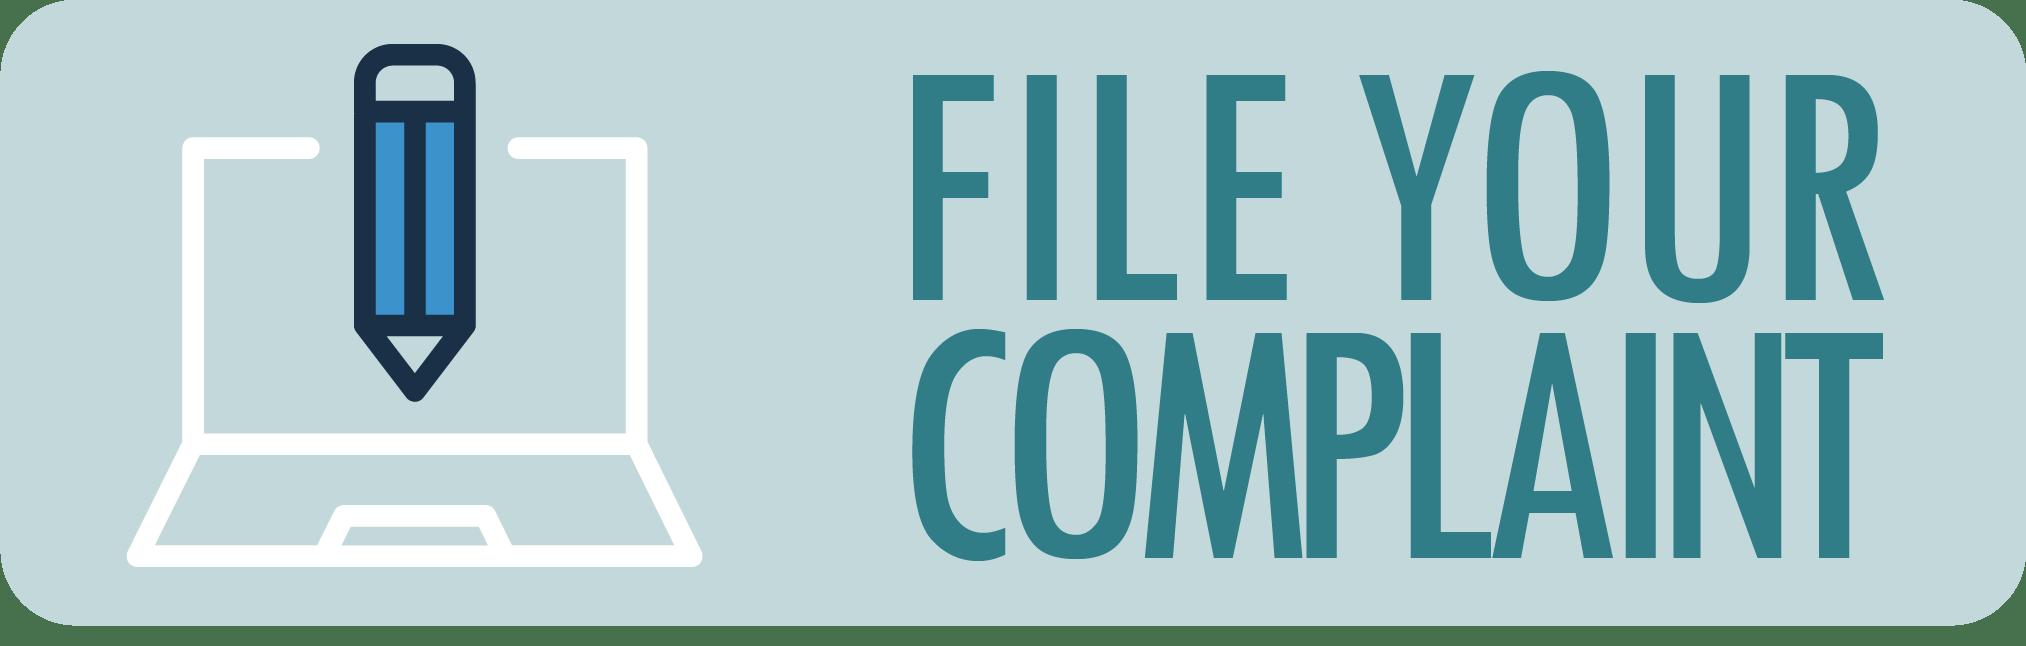 File a Complaint Button